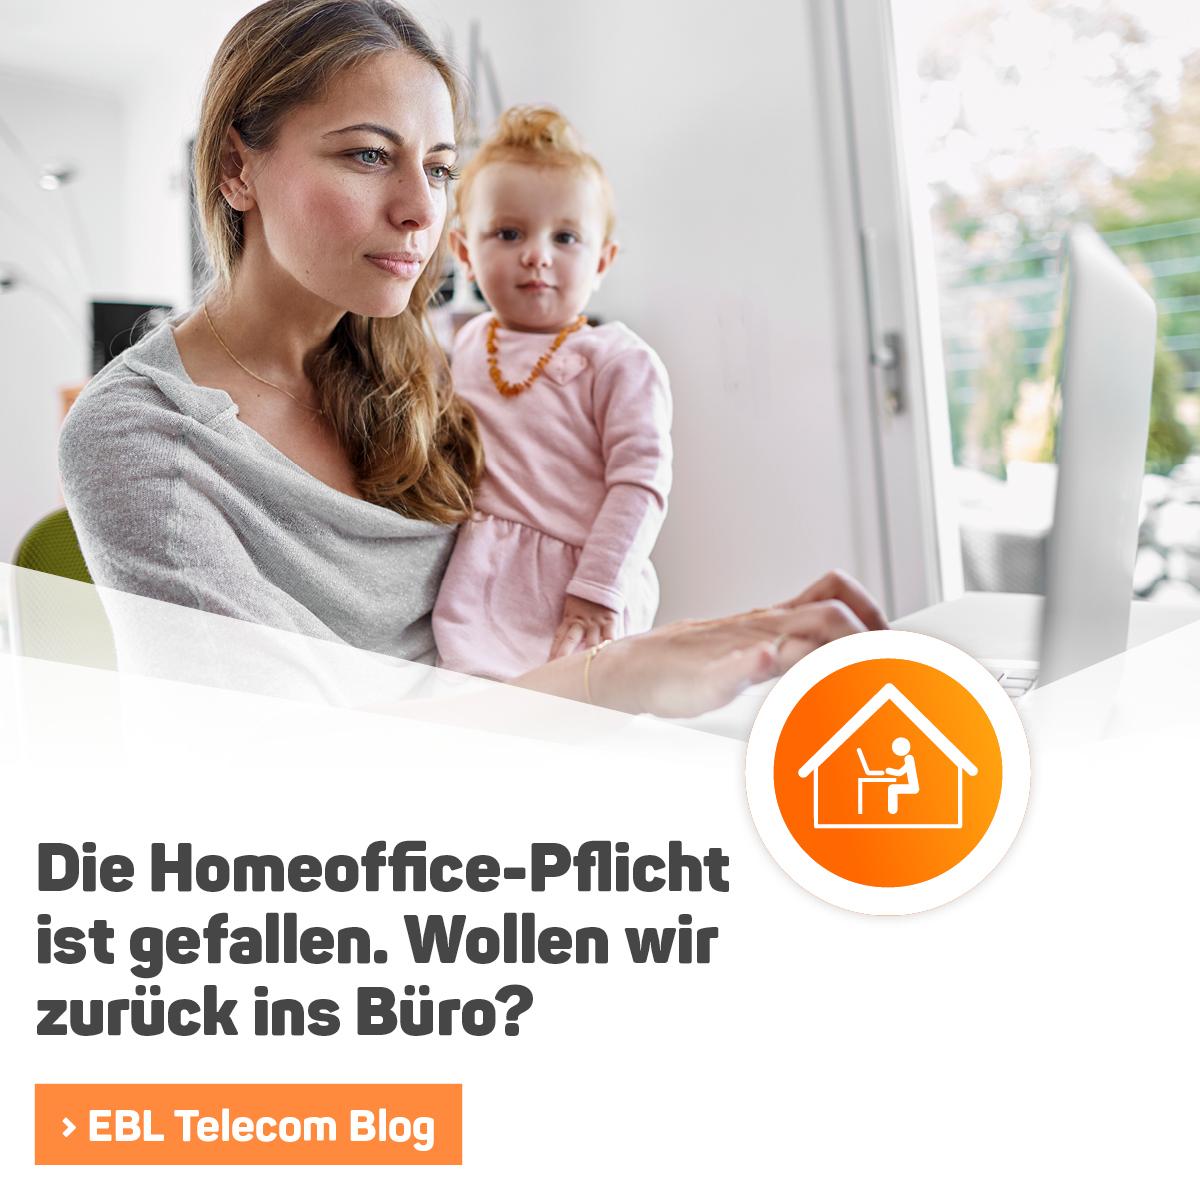 EBT_SoM-Post_Homeoffice-Pflicht (gefallen)_DE_1200x1200px